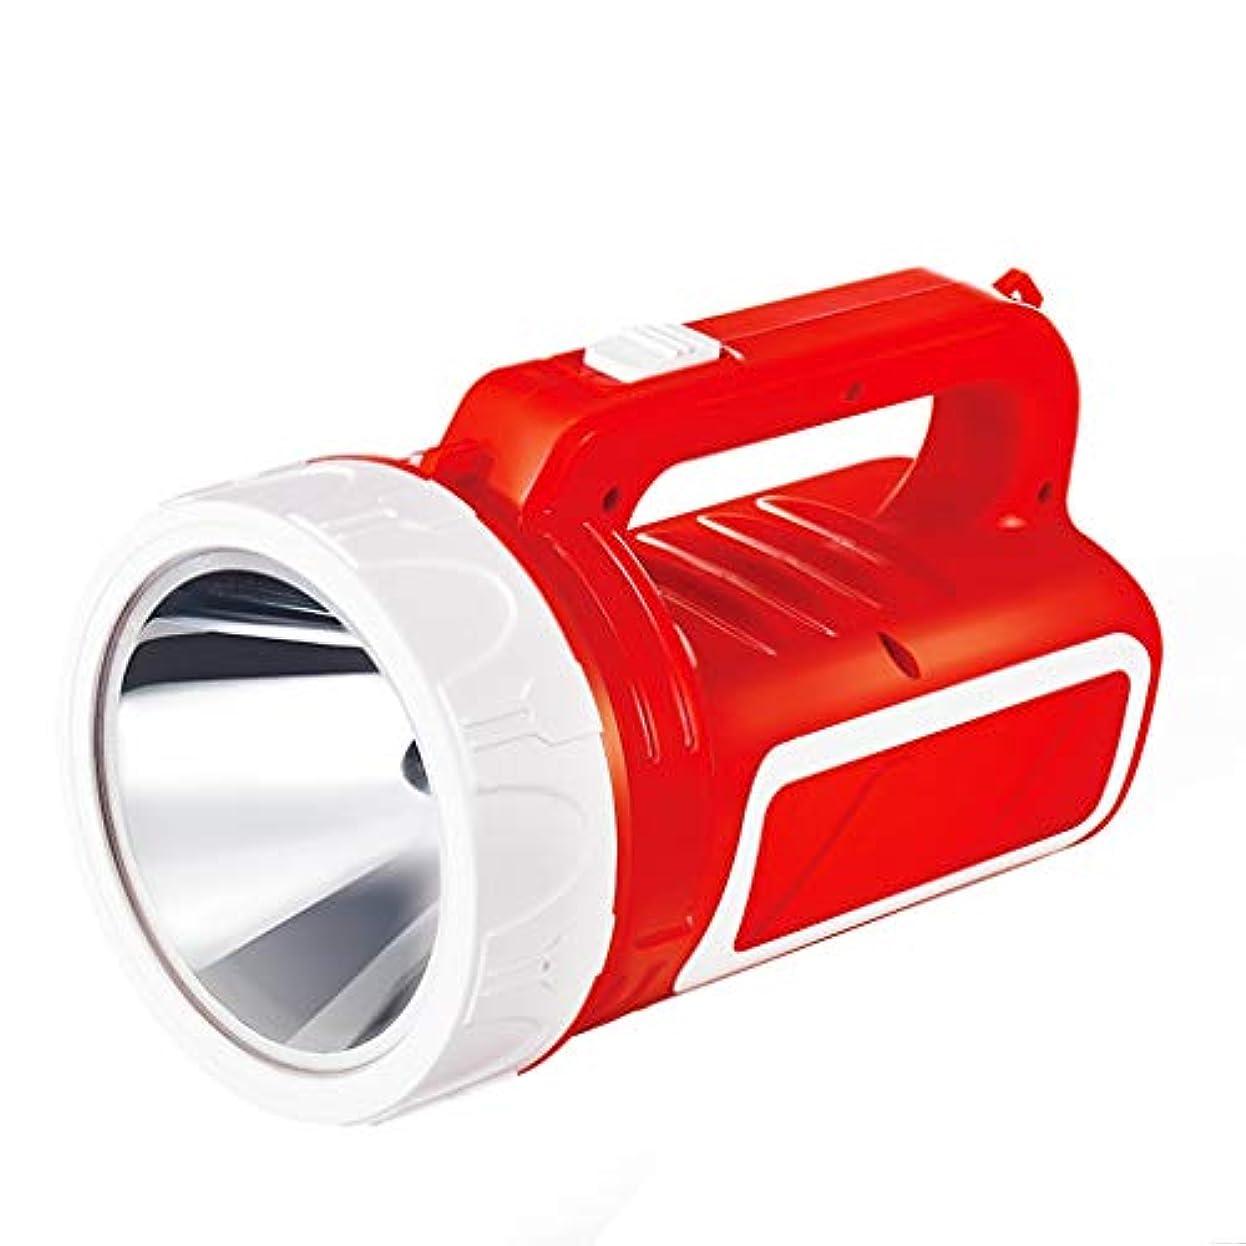 ベルこねる落ち込んでいるサーチライトマイナーランプ屋外グレア充電式家庭用長距離多機能懐中電灯 (色 : Red)